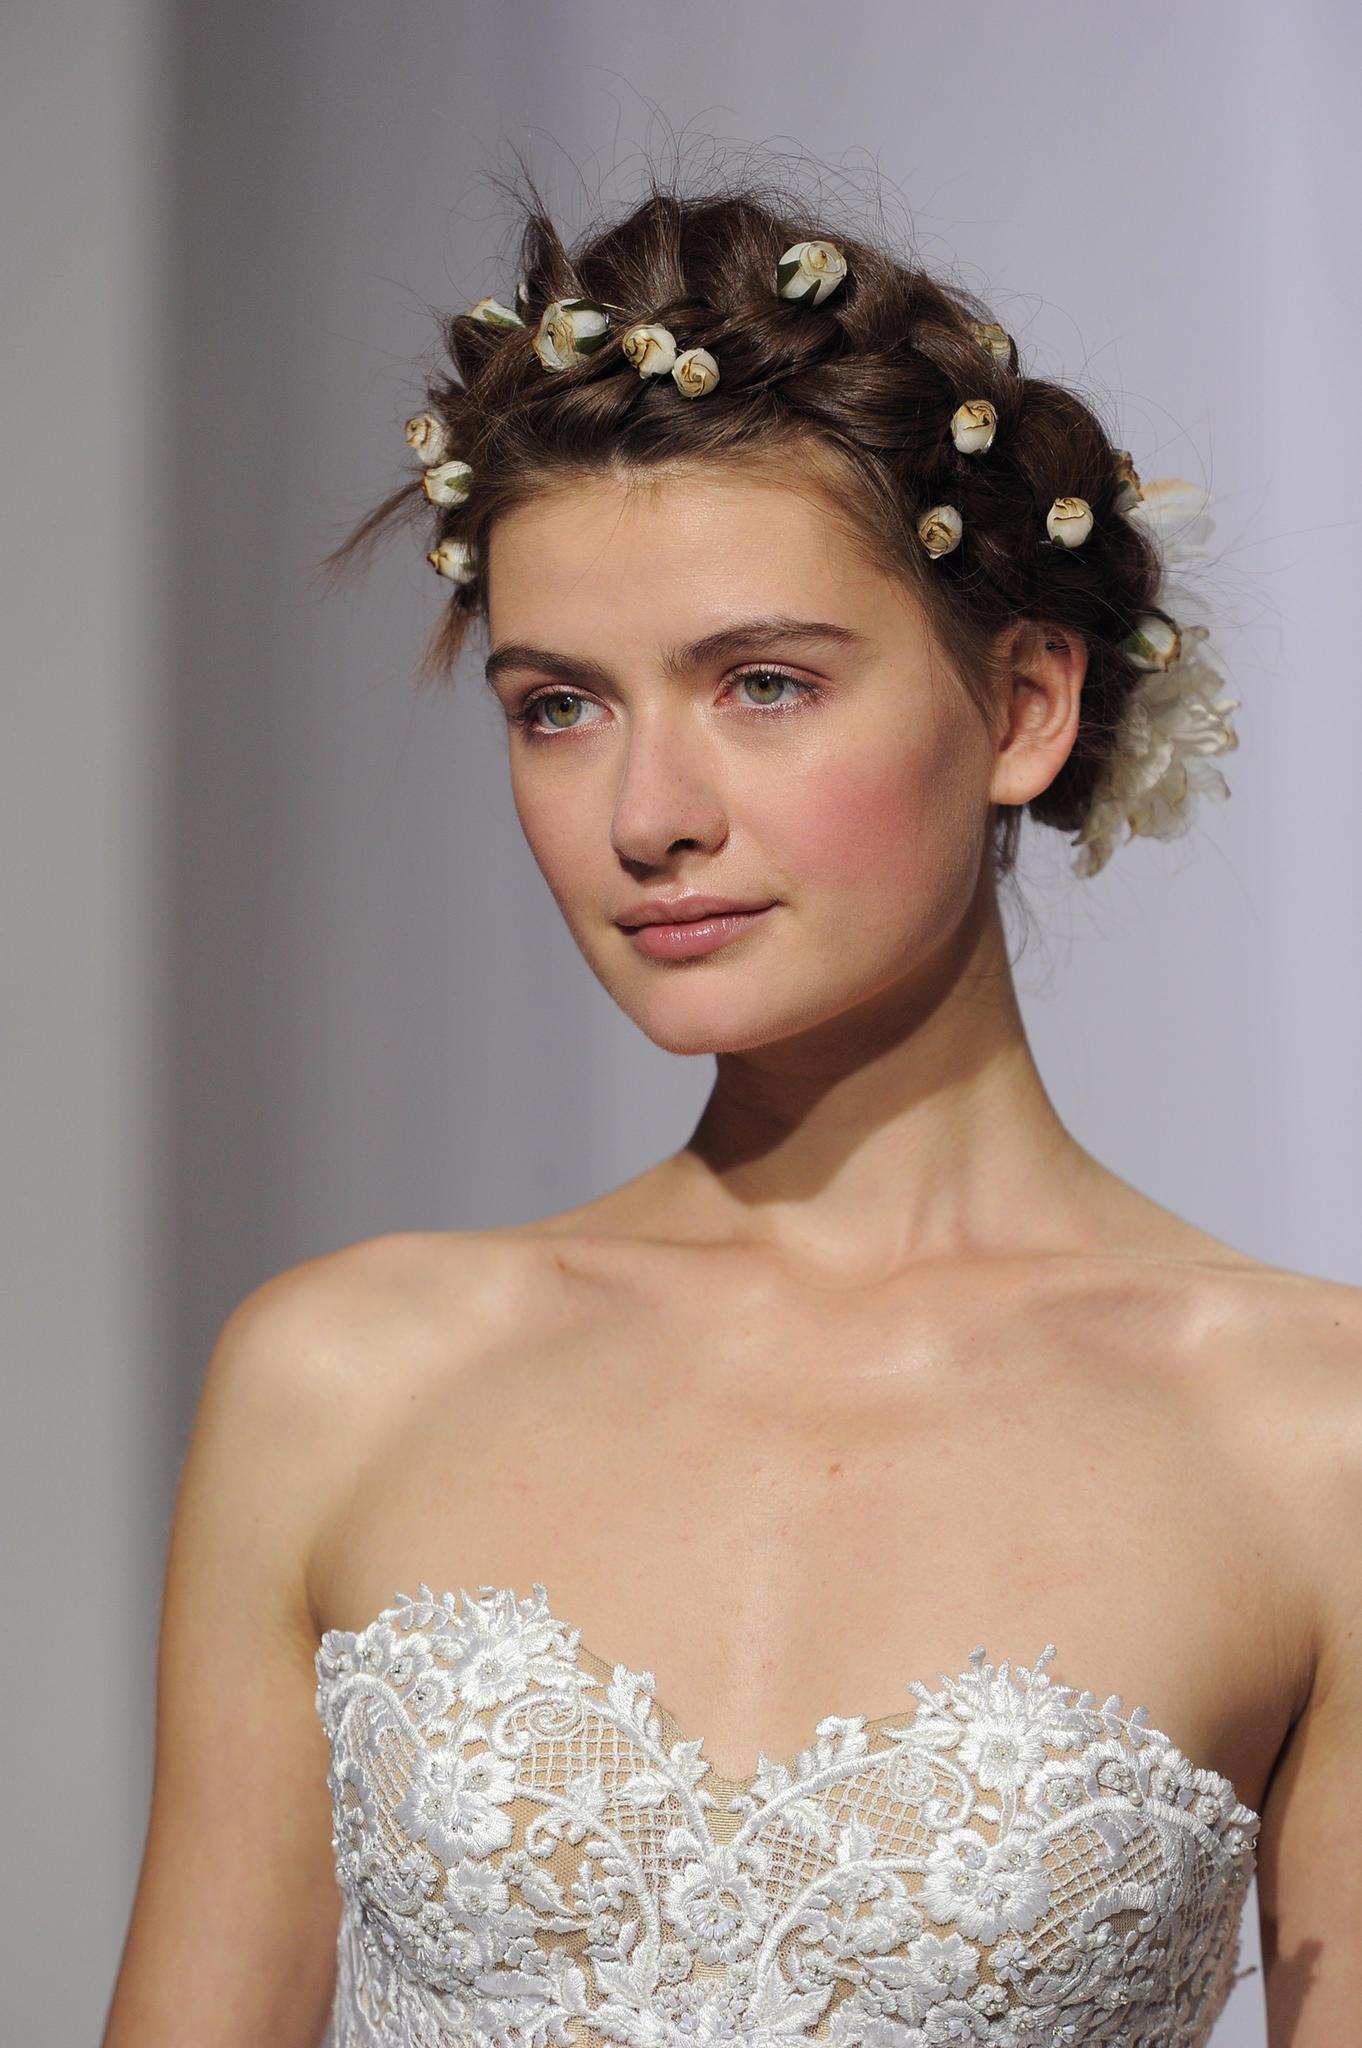 Hochsteckfrisuren für die Hochzeit: Romantisch gestylt mit zarten Blüten